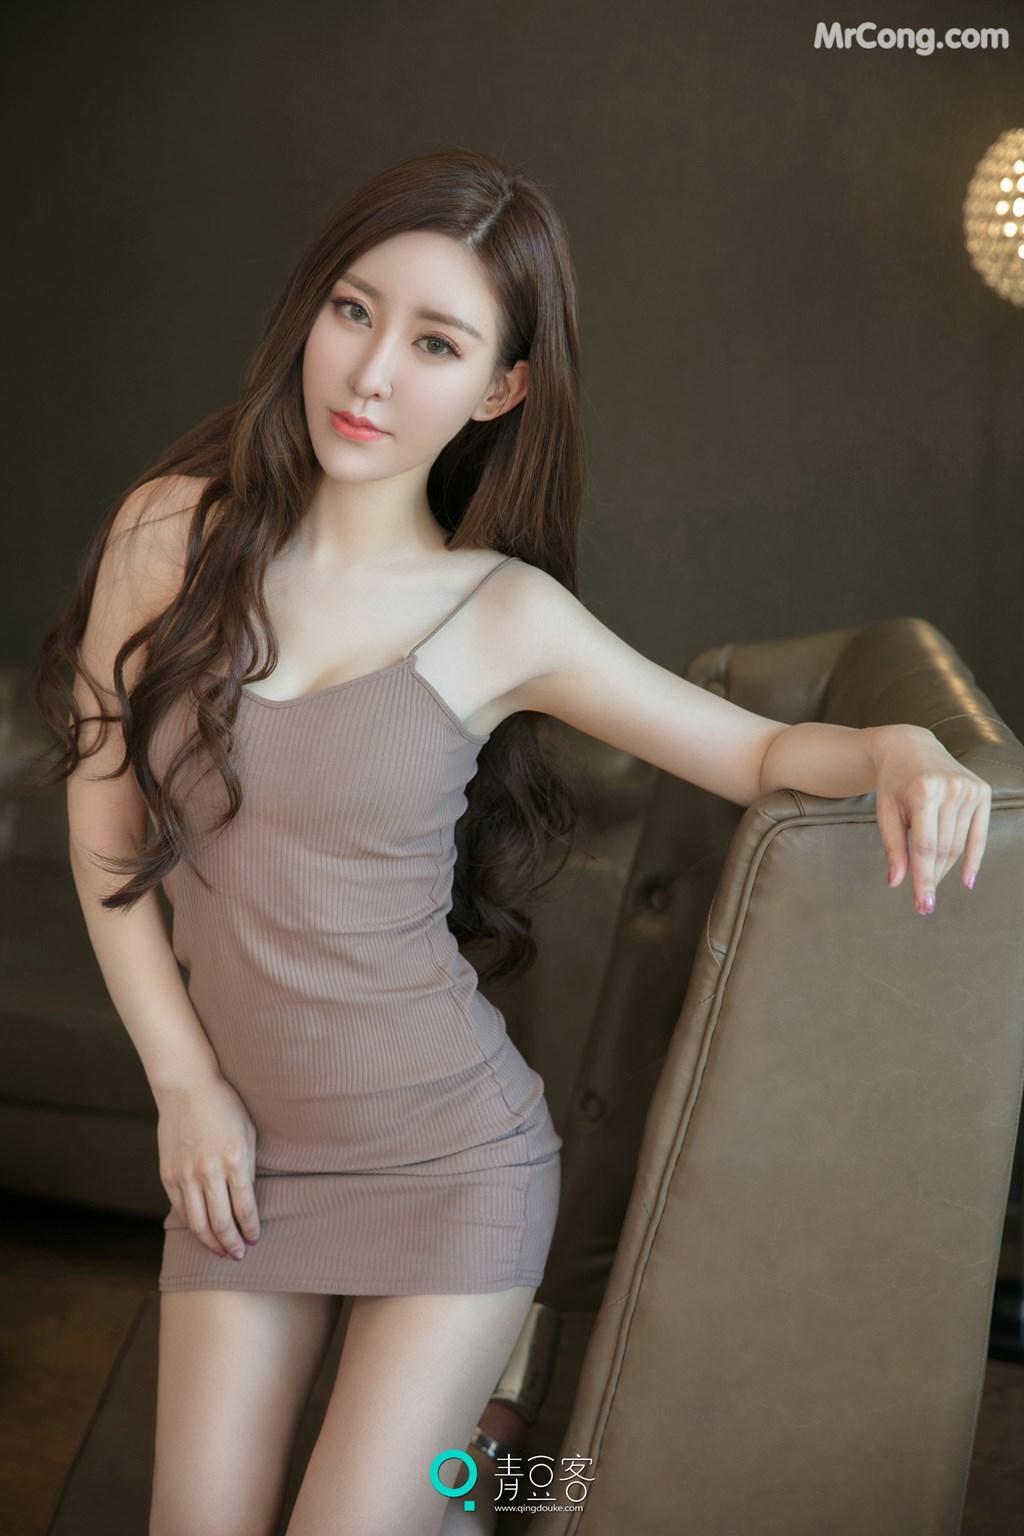 Image QingDouKe-2017-10-12-Qiao-En-Xi-MrCong.com-010 in post QingDouKe 2017-10-12: Người mẫu Qiao En Xi (乔恩夕) (54 ảnh)